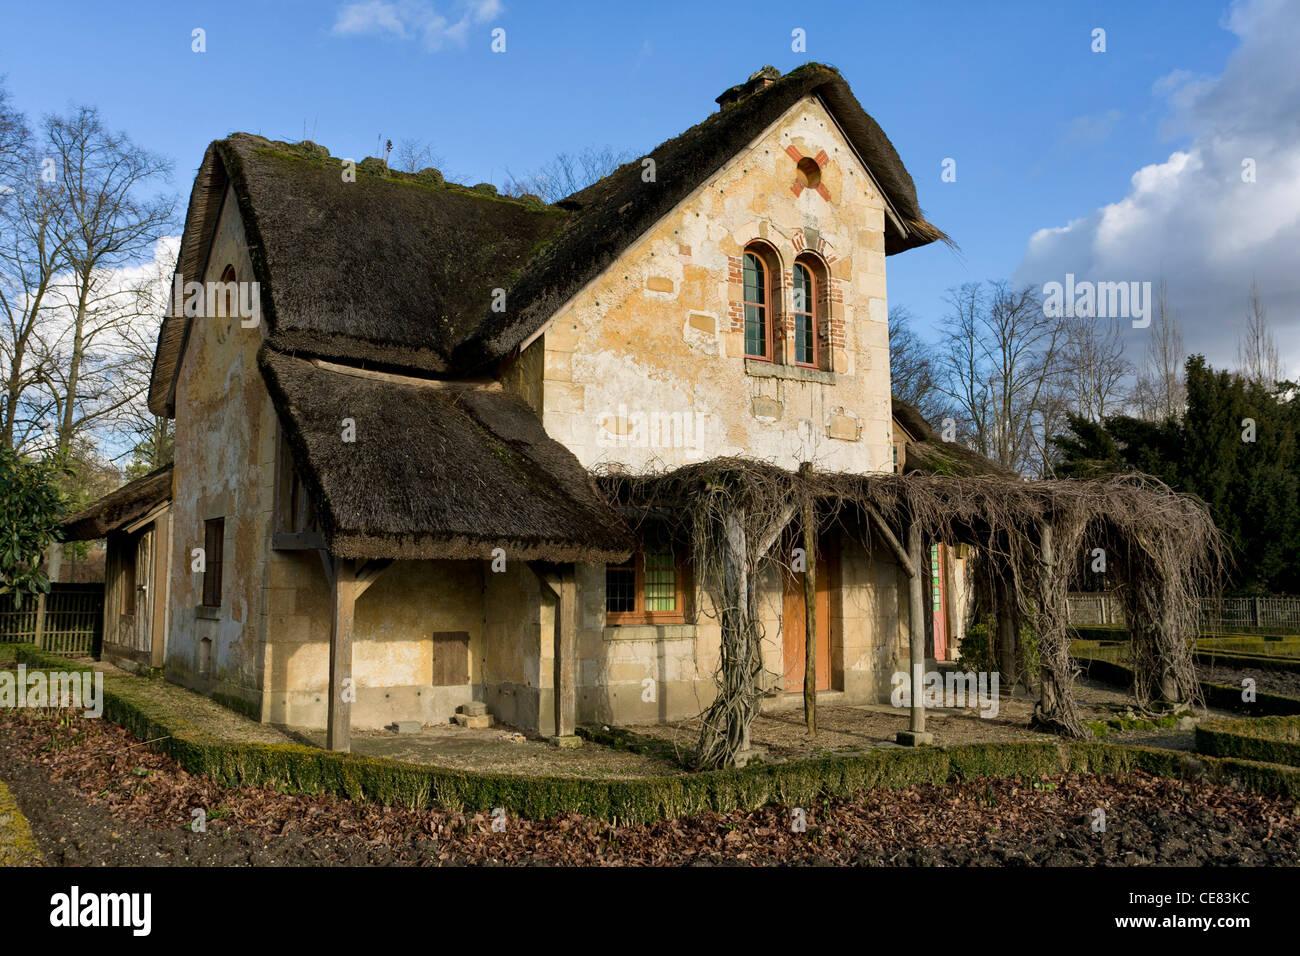 La maison du garde guard house hameau de la reine stock for Maison du monde 83 la garde